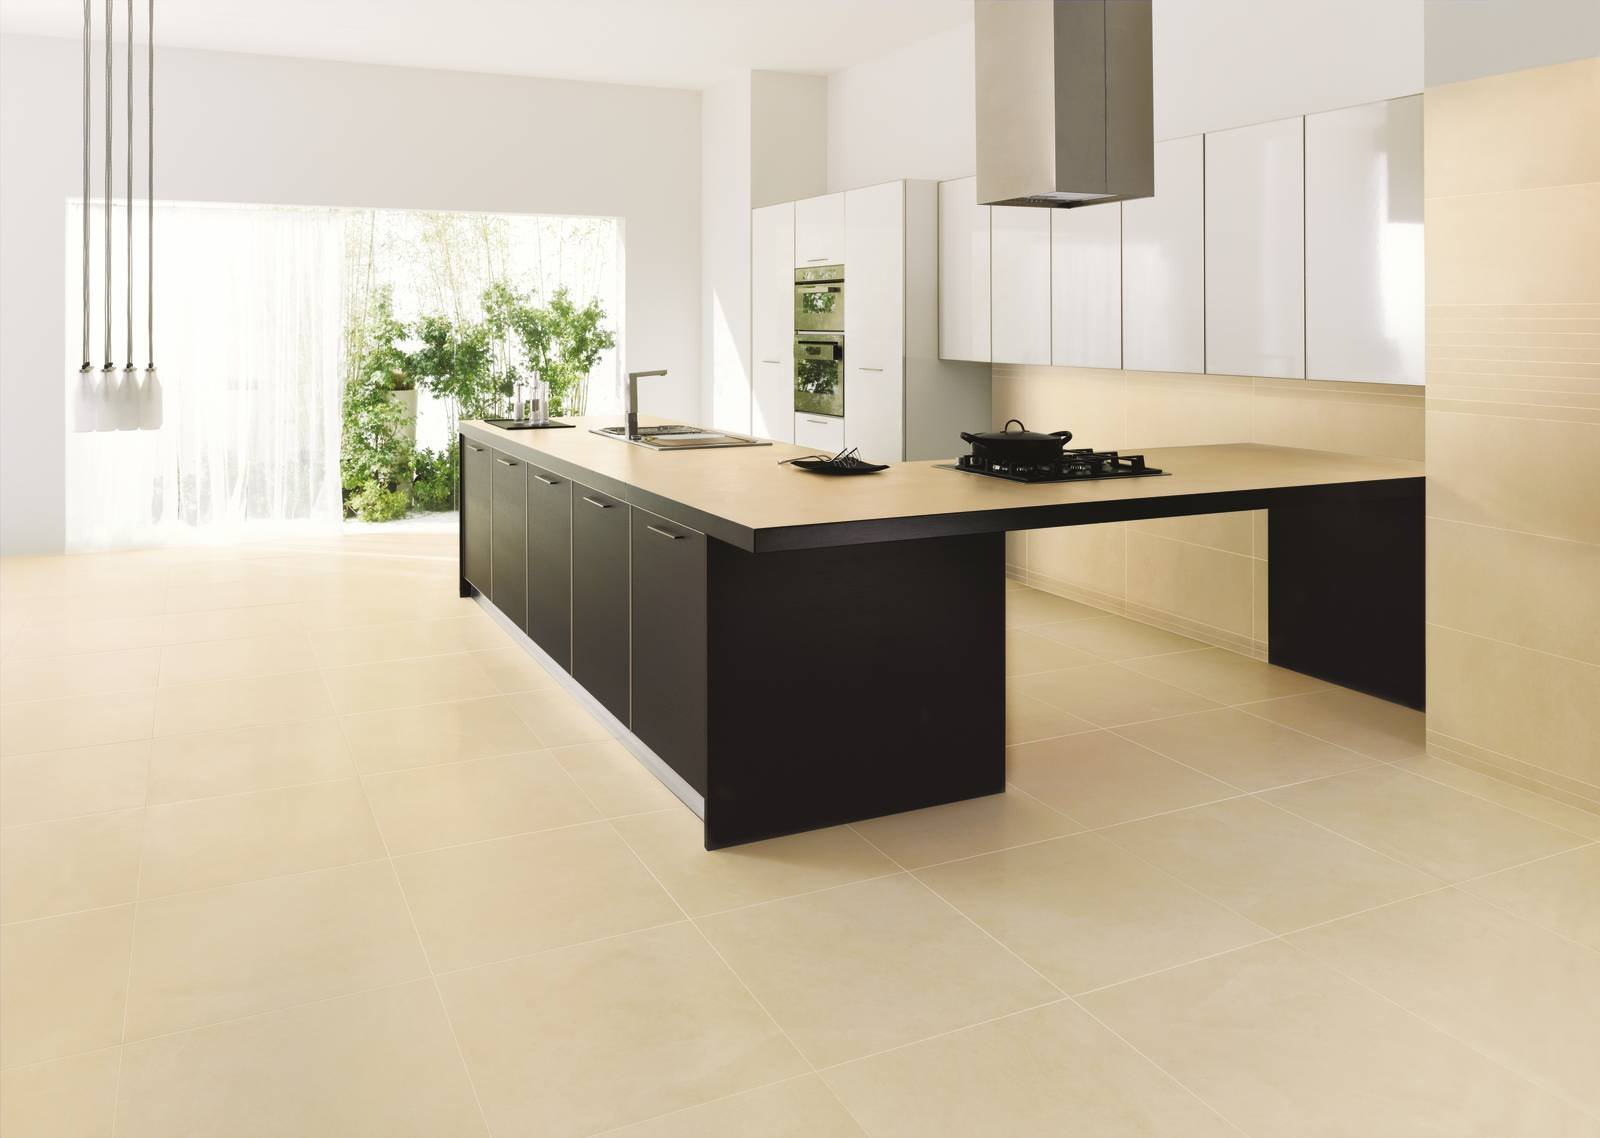 Gres porcellanato per i piani di lavoro delle cucine cose di casa - Cucine in kerlite ...